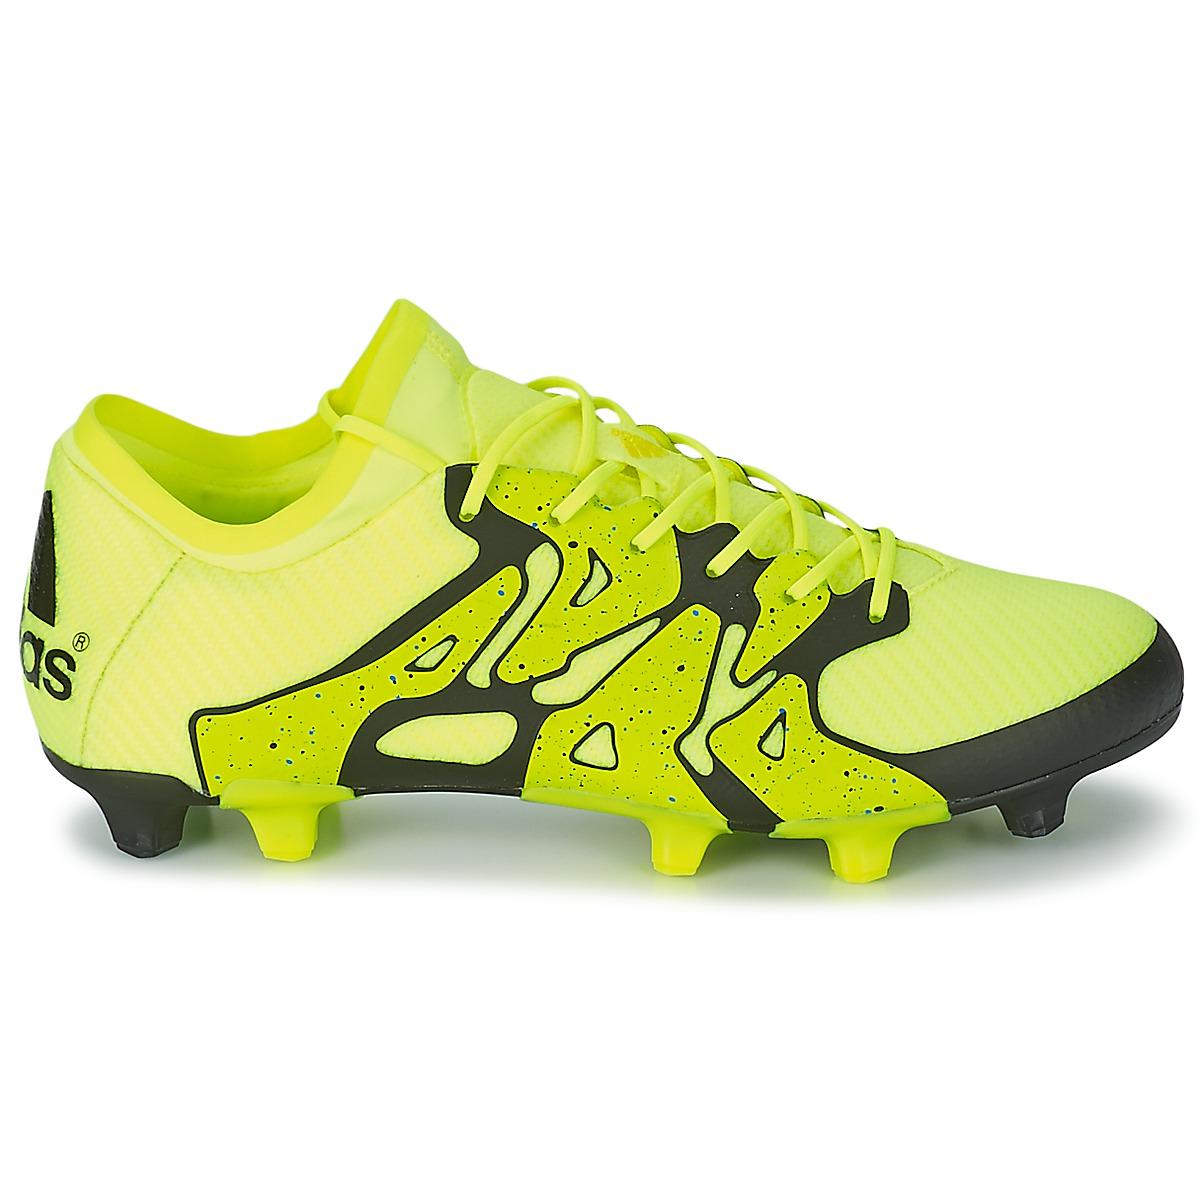 new product 0702f 25abe Ποδοσφαίρου adidas X 15.1 FG AG, Ανδρικά παπούτσια ποδοσφαίρου, ΑΝΔΡΑΣ    ΠΑΠΟΥΤΣΙΑ   ΠΟΔΟΣΦΑΙΡΟΥ